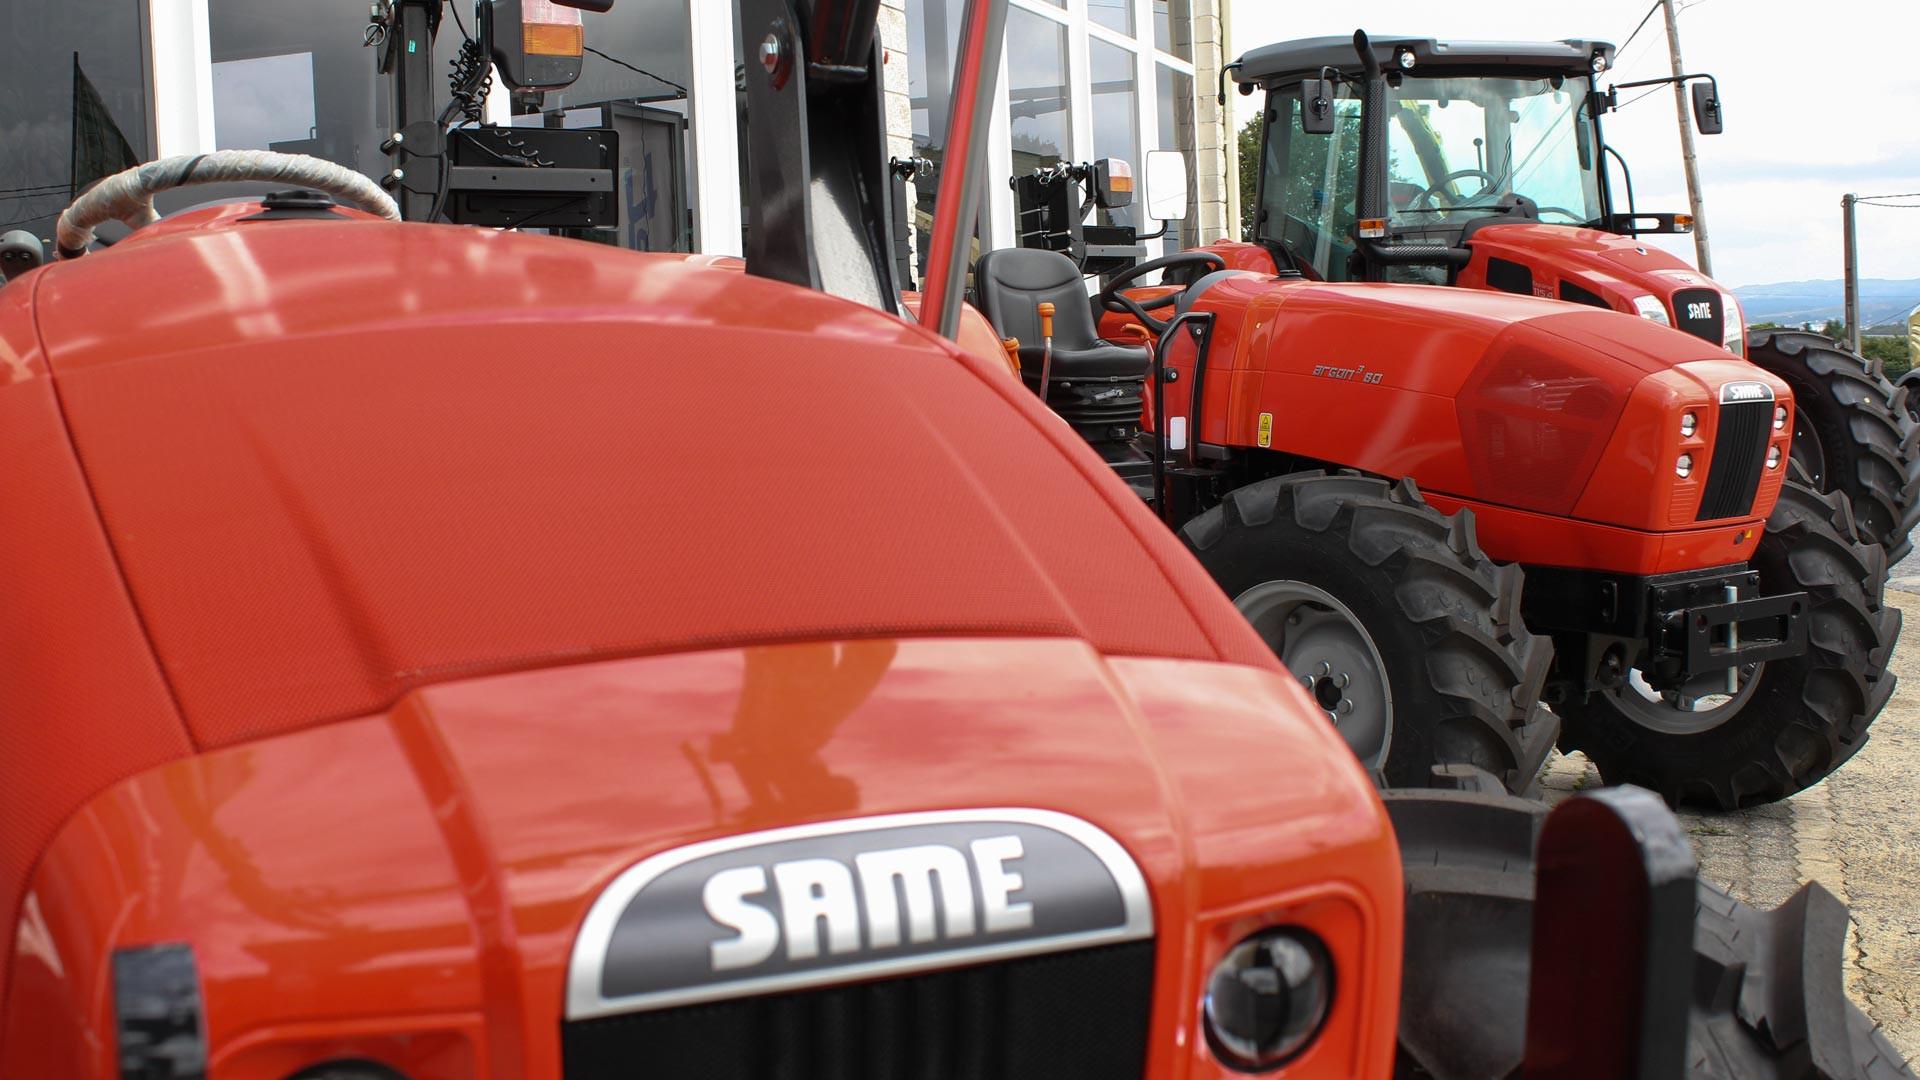 Si conduces un tractor lo primero responsabilidad.